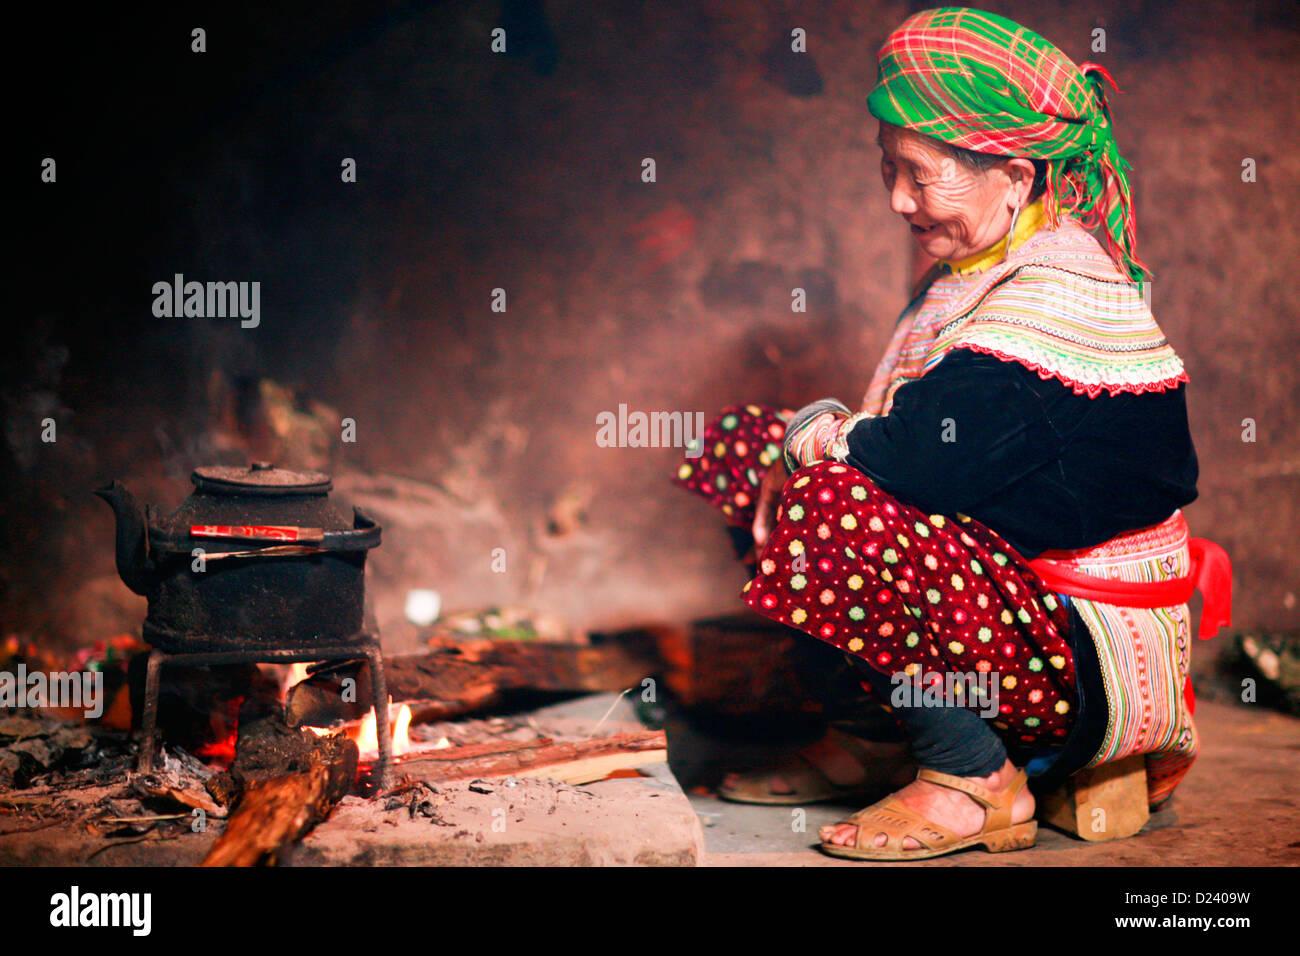 Flor de té tribeswoman Hmong en su hogar cerca de Bac Ha en el Noroeste de Vietnam, en Asia. Imagen De Stock